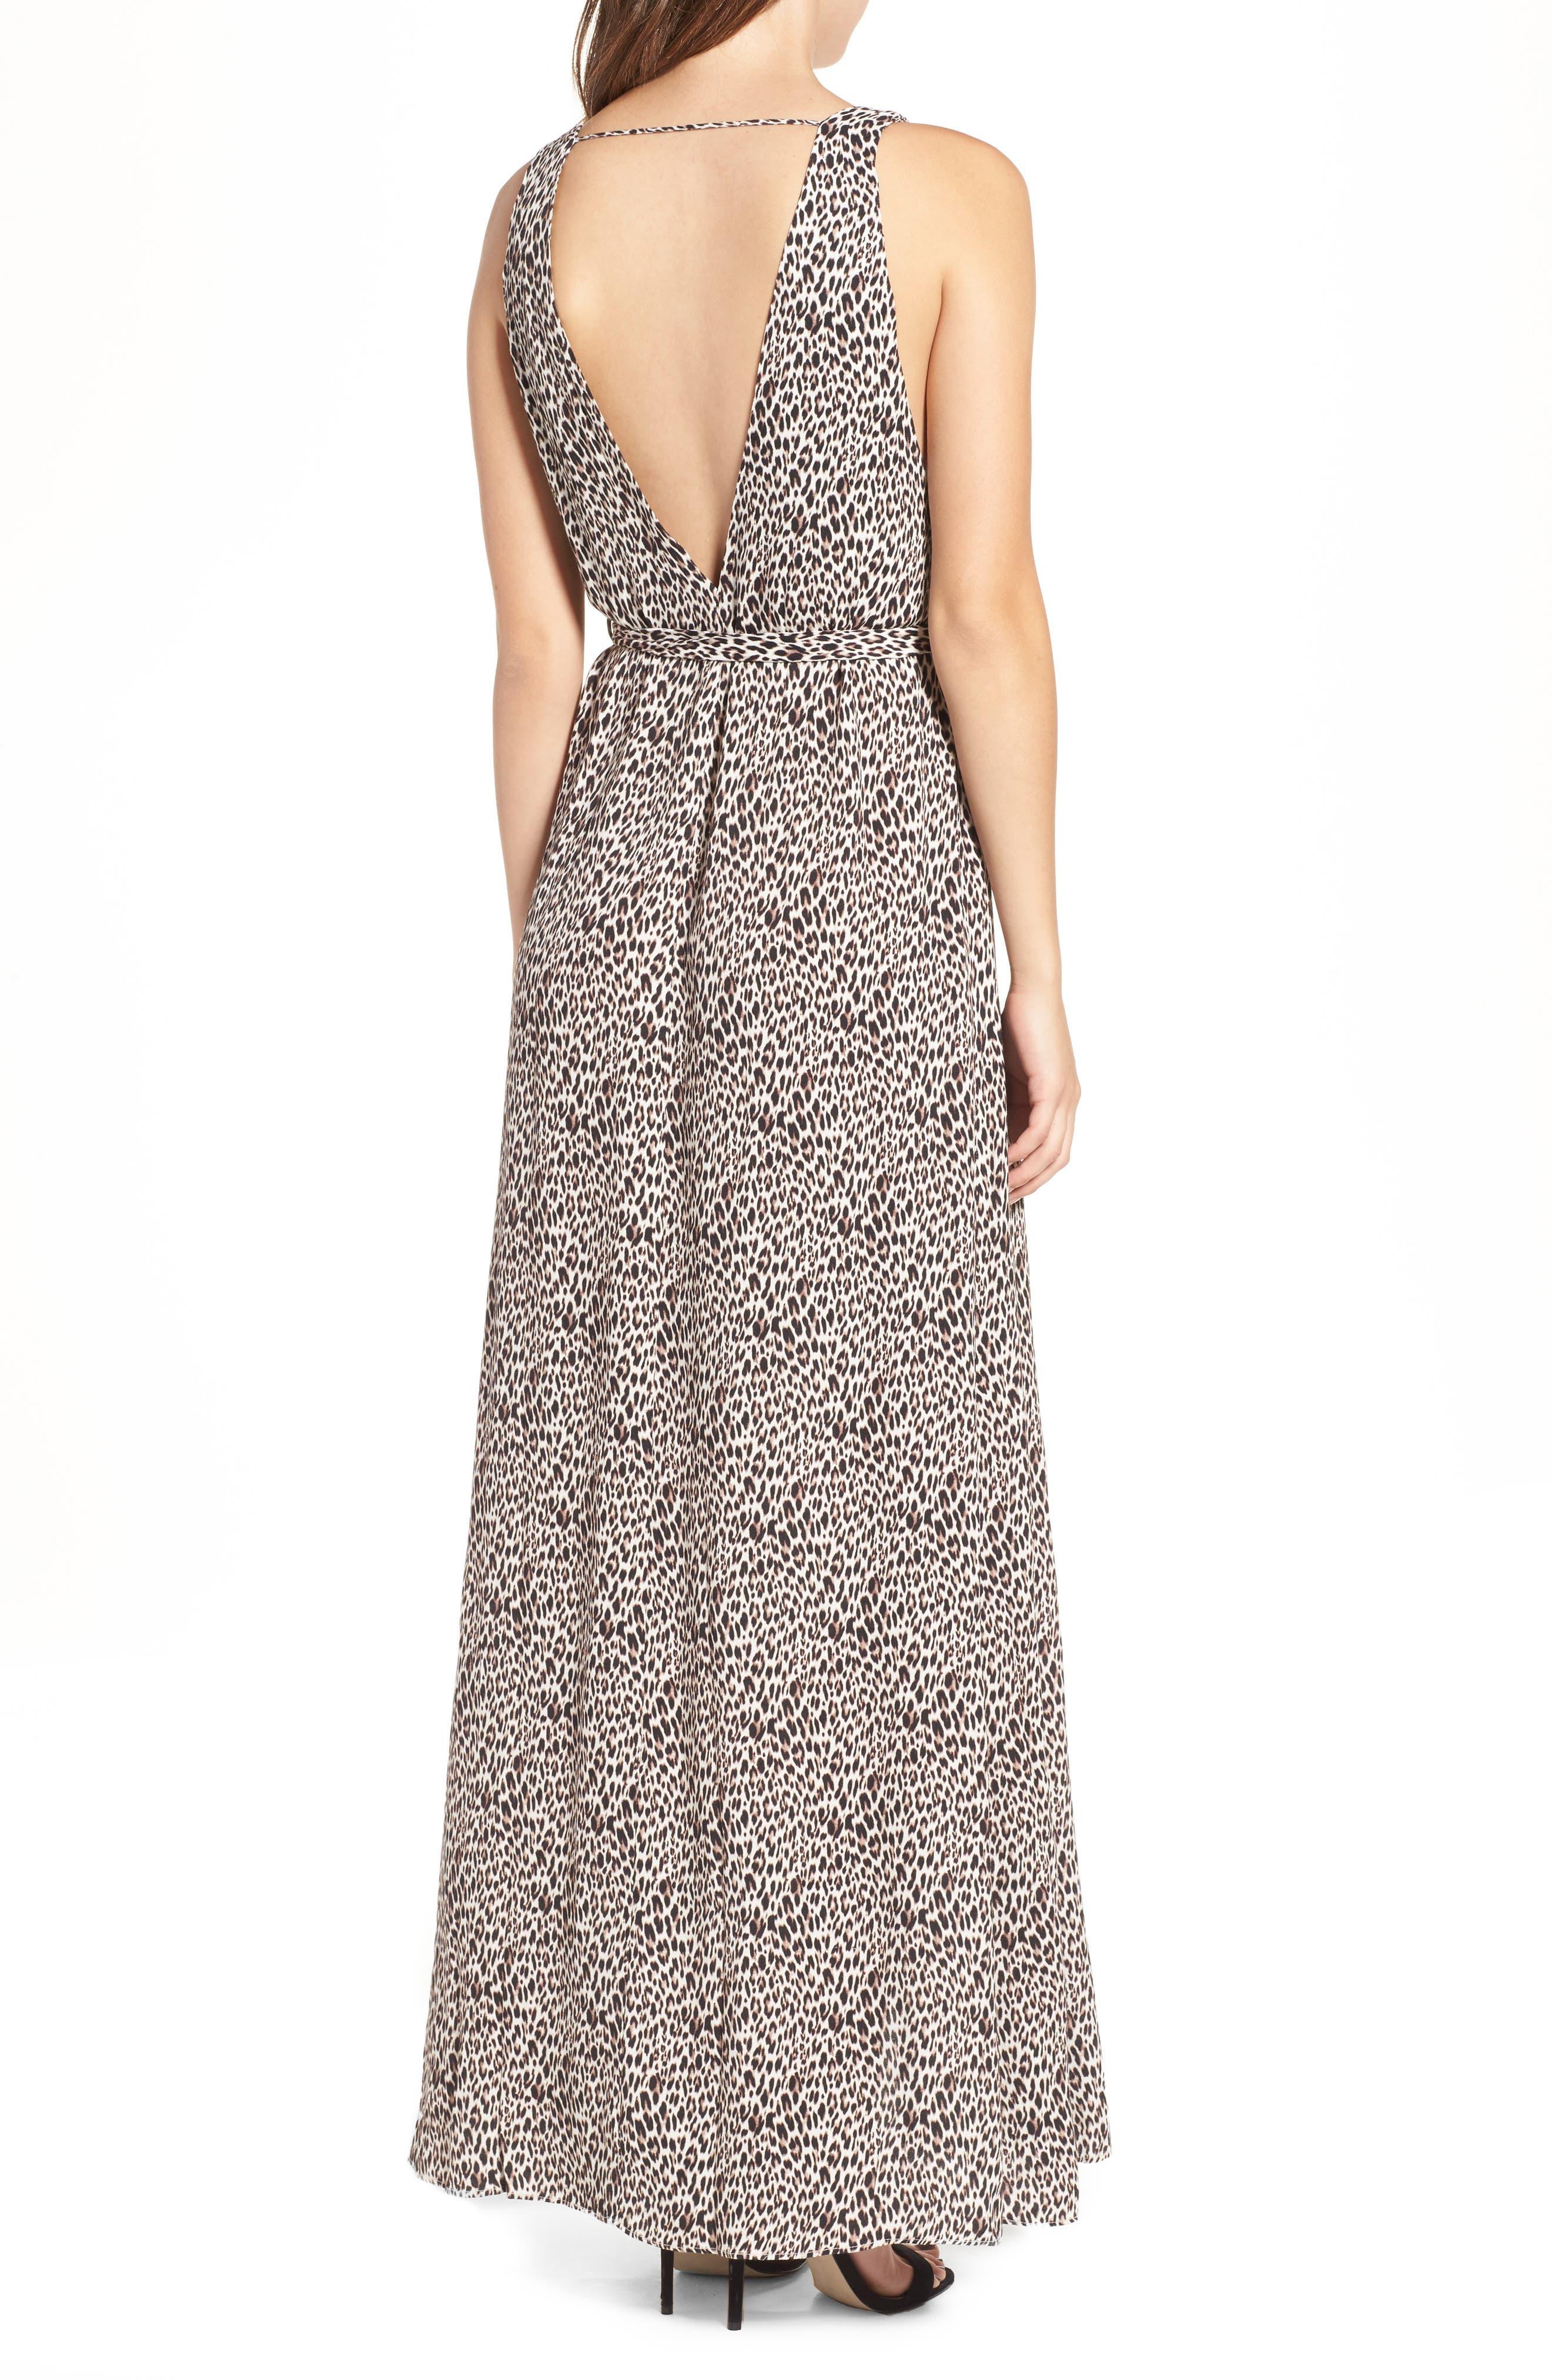 Rowan Maxi Dress,                             Alternate thumbnail 5, color,